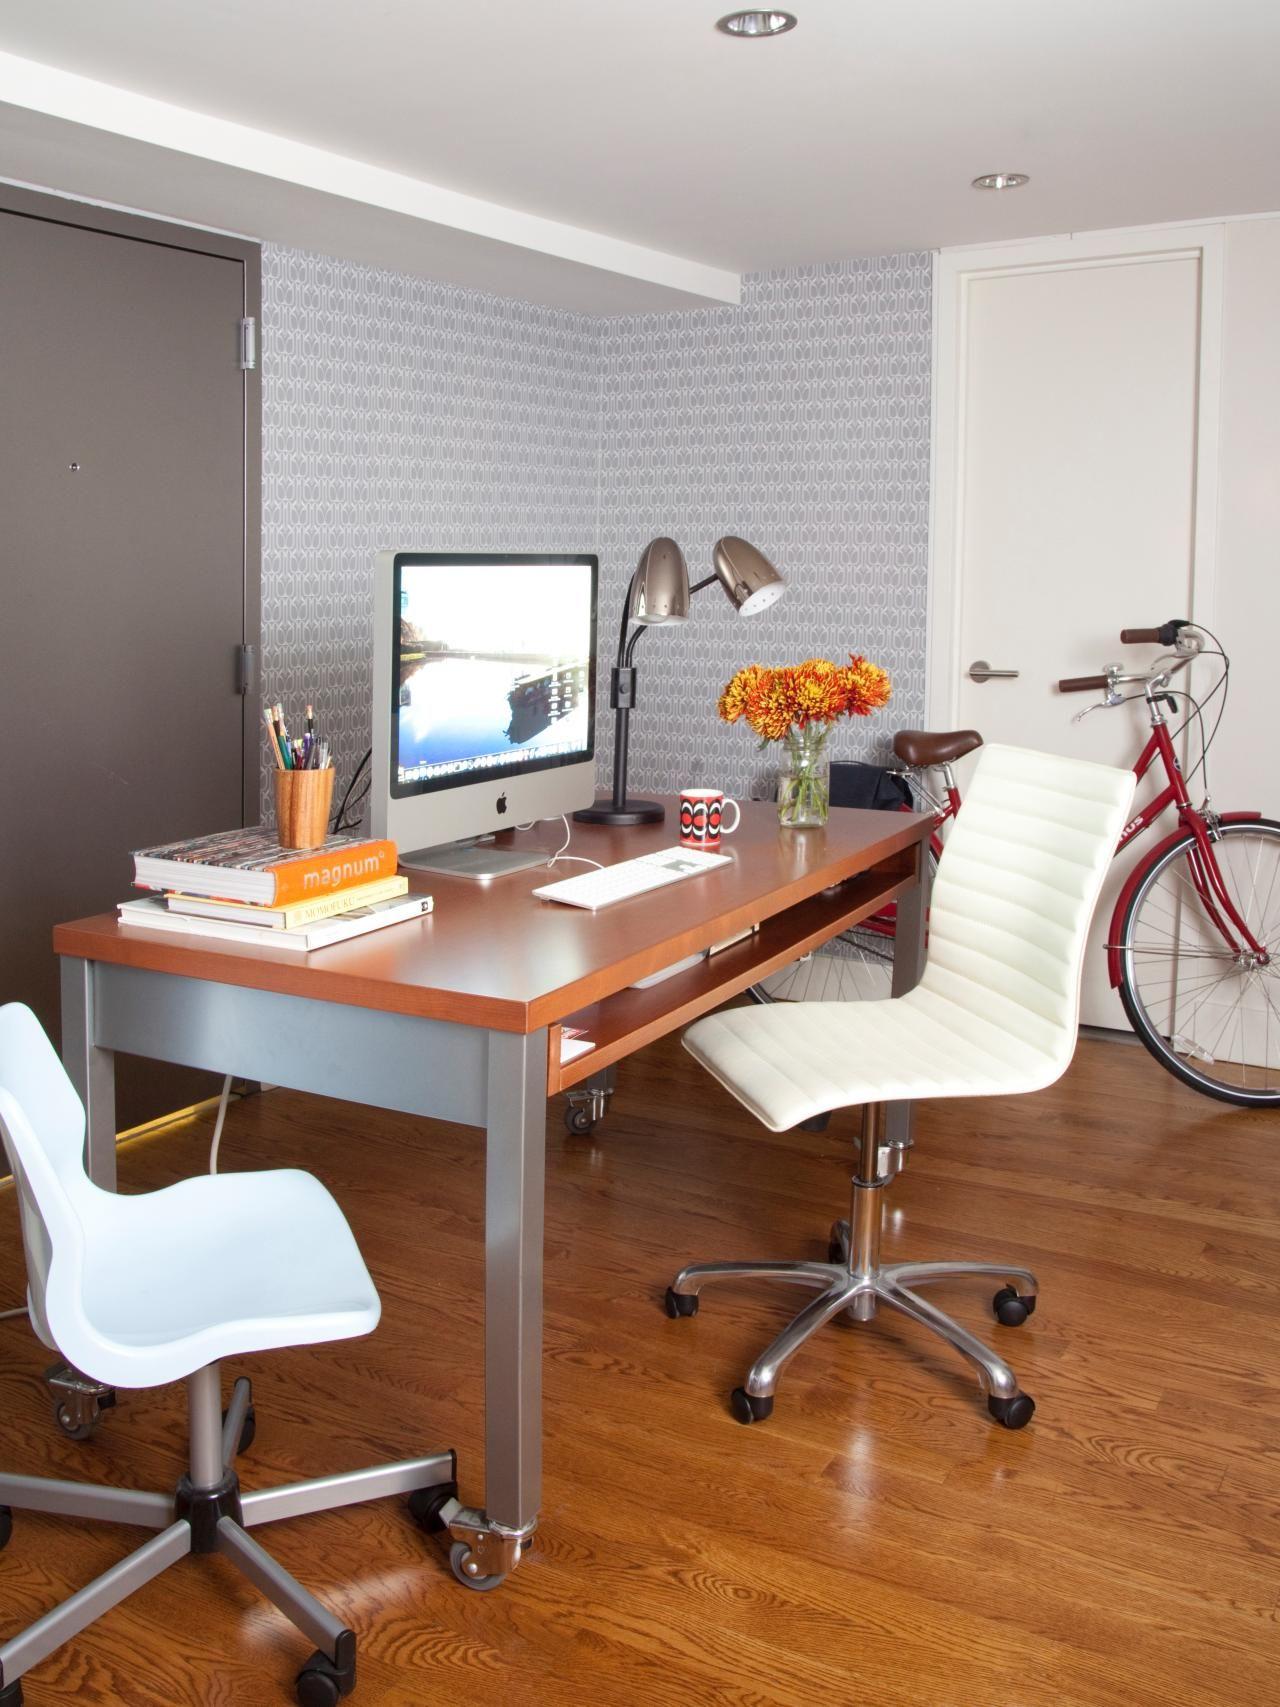 Small Home Office Ideas | Oficina en casa 6 | Pinterest